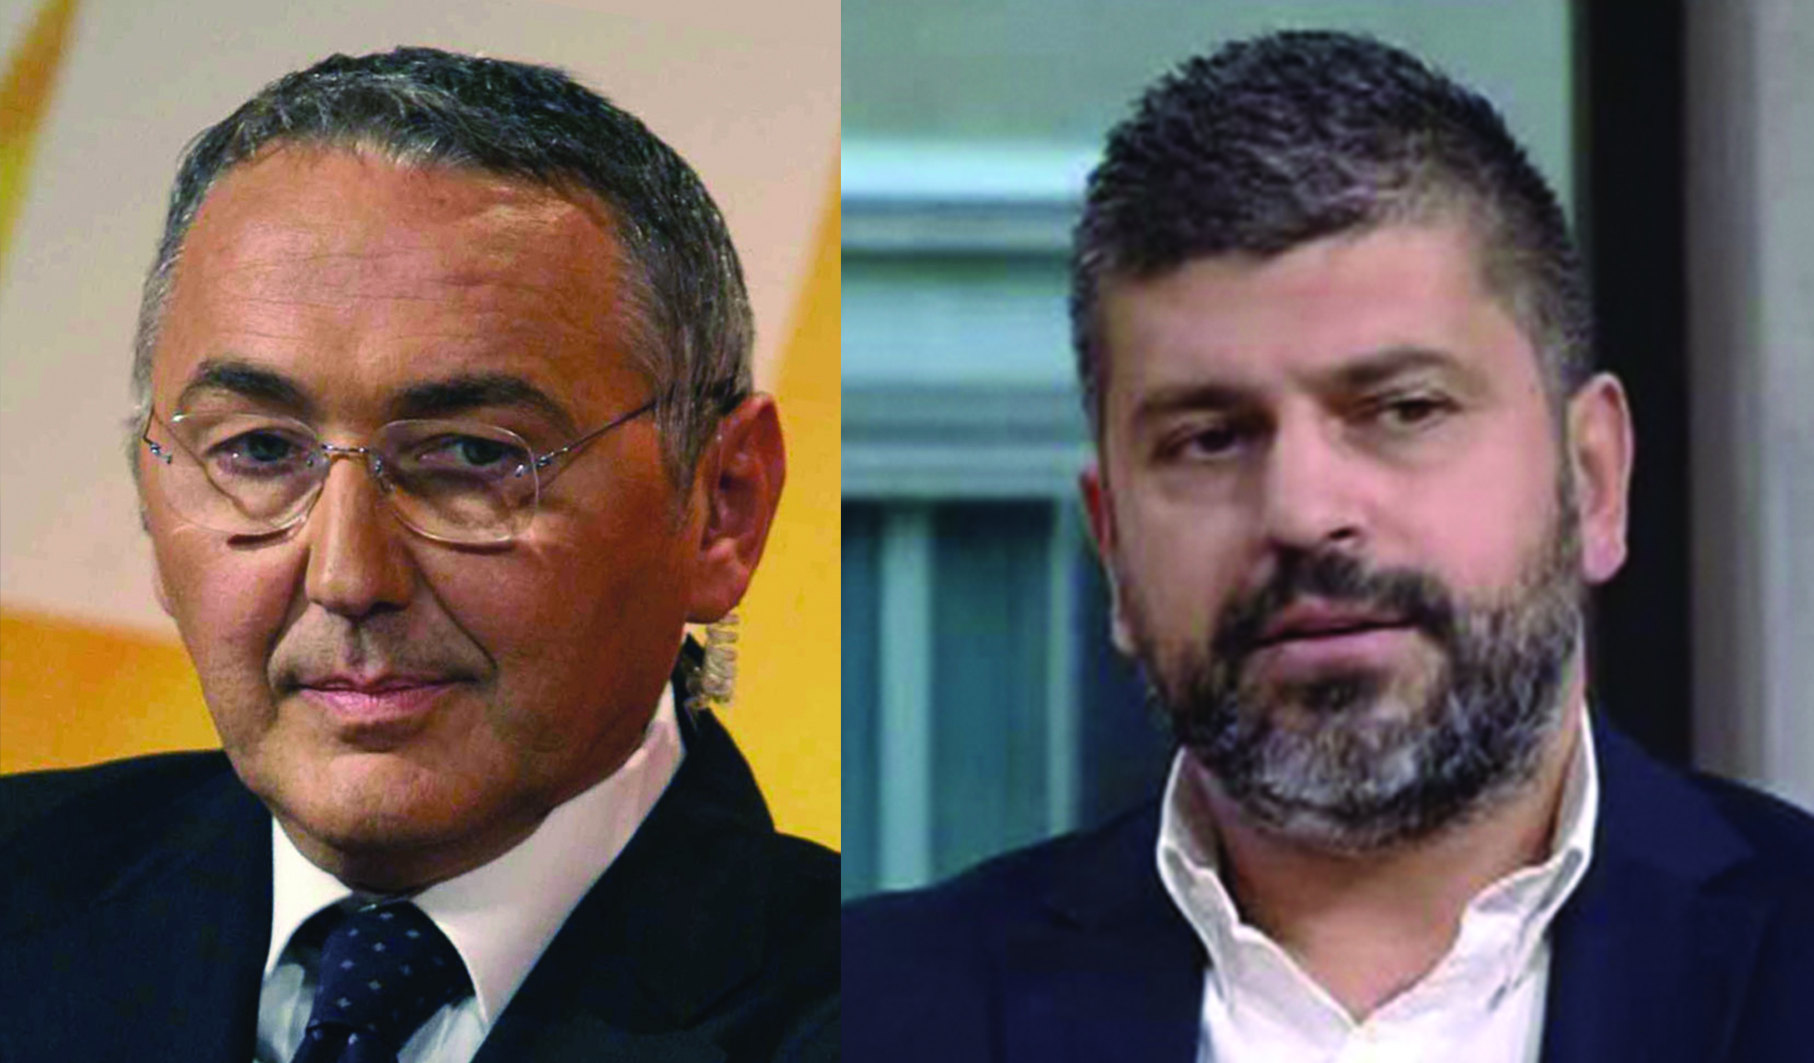 Accordi con Cuba e fauna trentina le loro passioni  Eletti nel Lazio: le iniziative di Carelli e Zicchieri